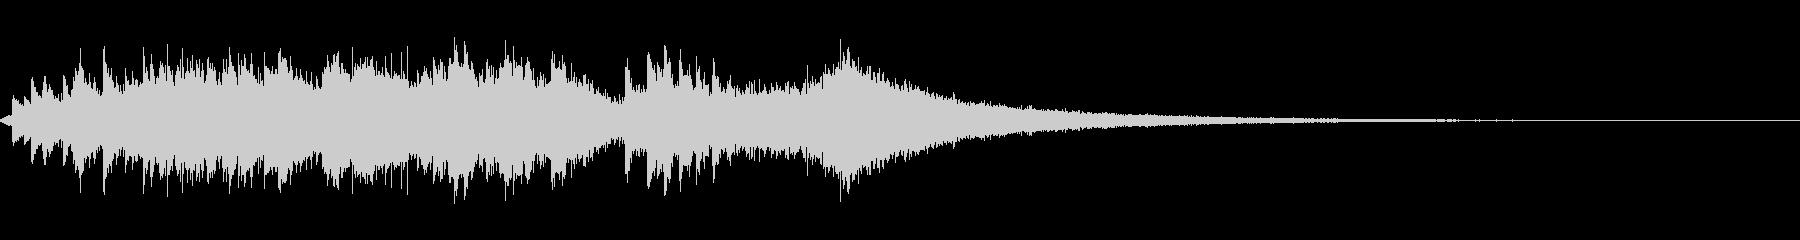 グロッケンシュピール:グリスドリー...の未再生の波形